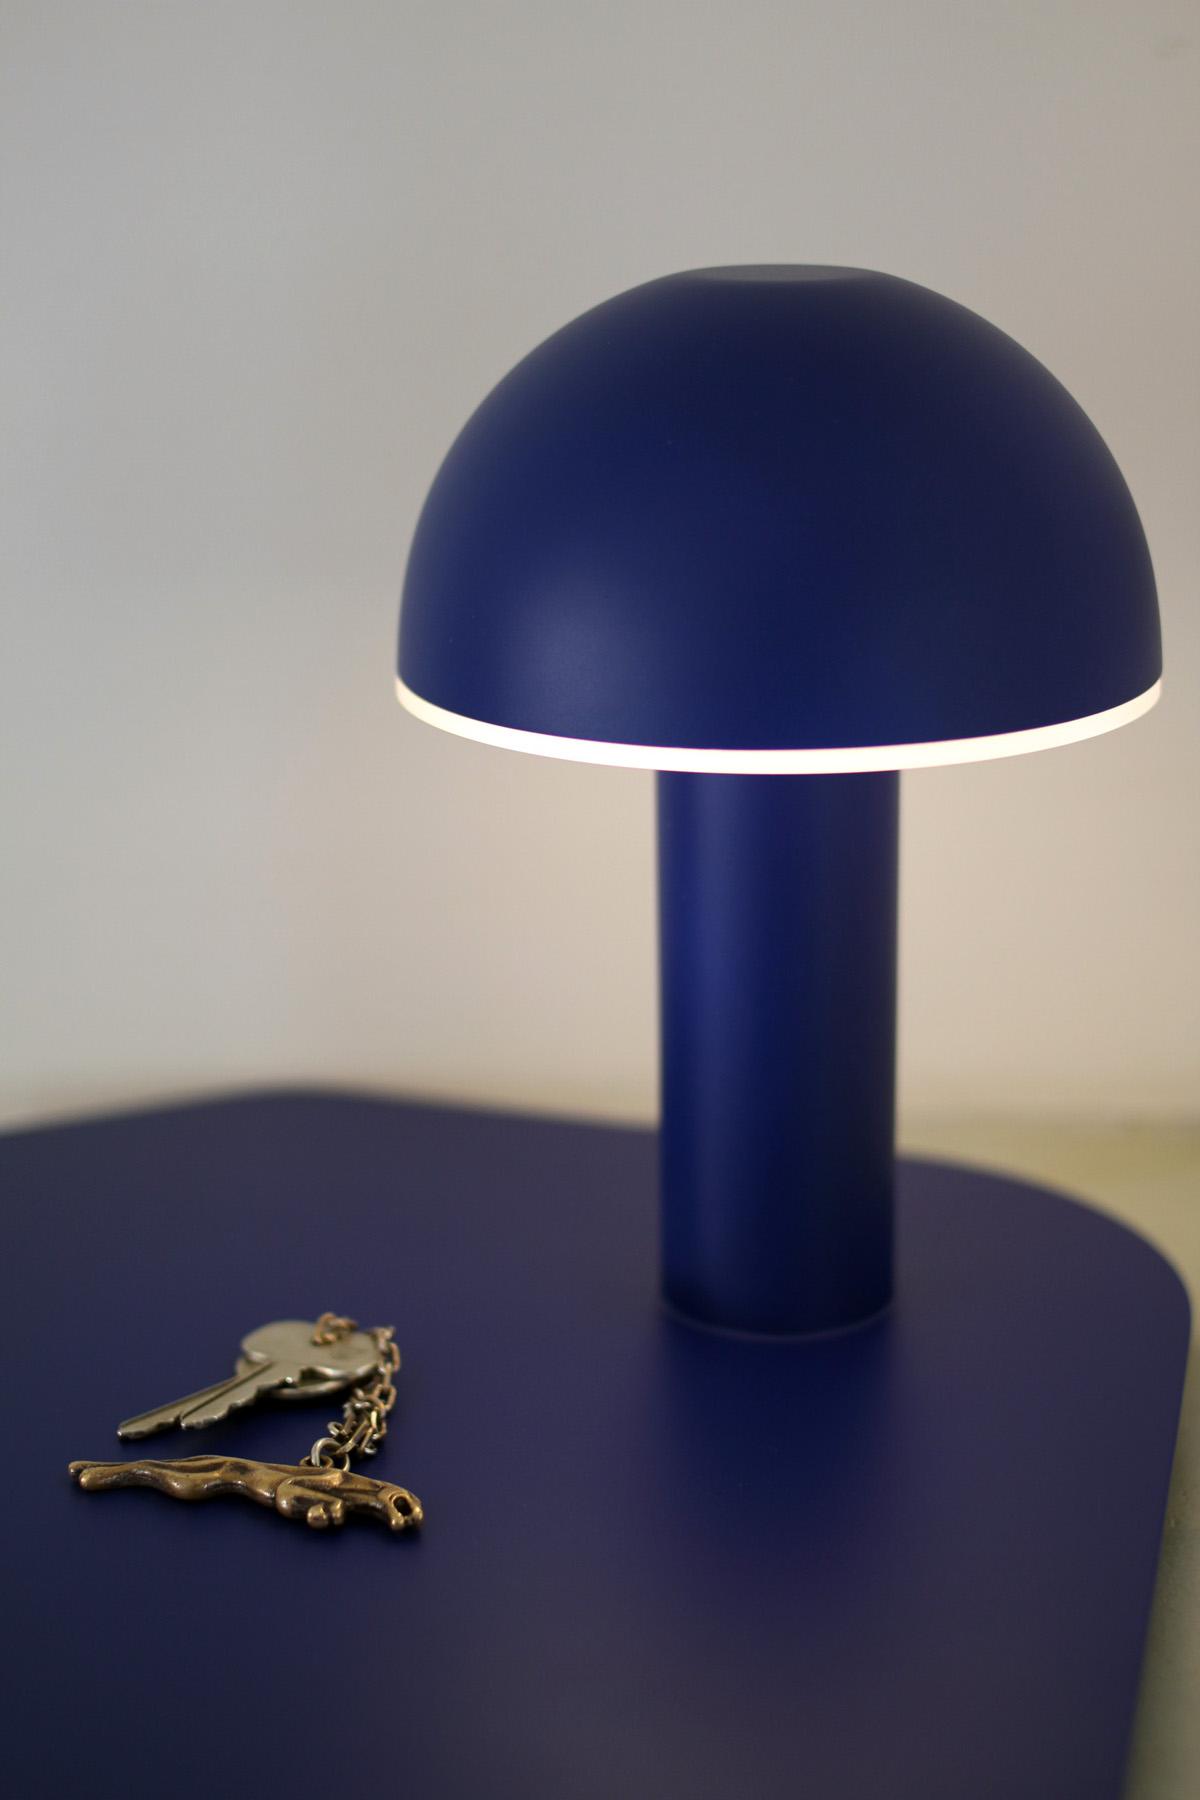 Cul de poule - Luminaire - vide poche - bol - metal - détail - couleur BLEU - design sur-mesure - Agence MAJOTIK